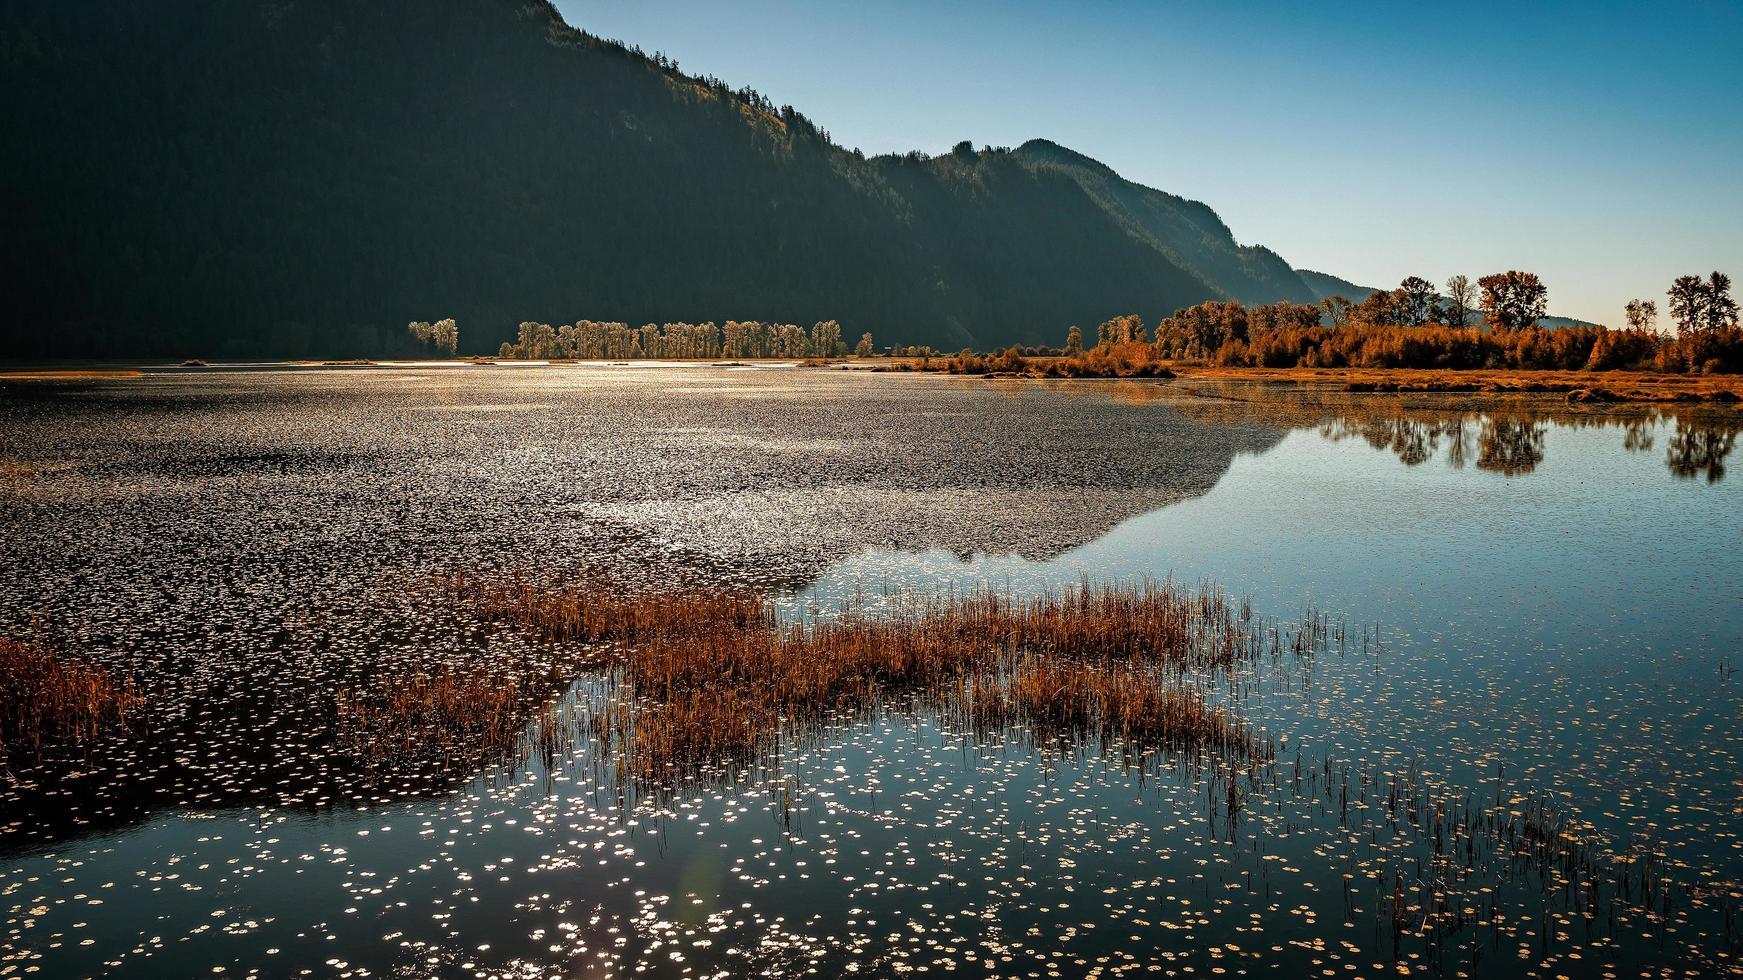 ruhiges Gewässer in der Nähe von Bergen foto